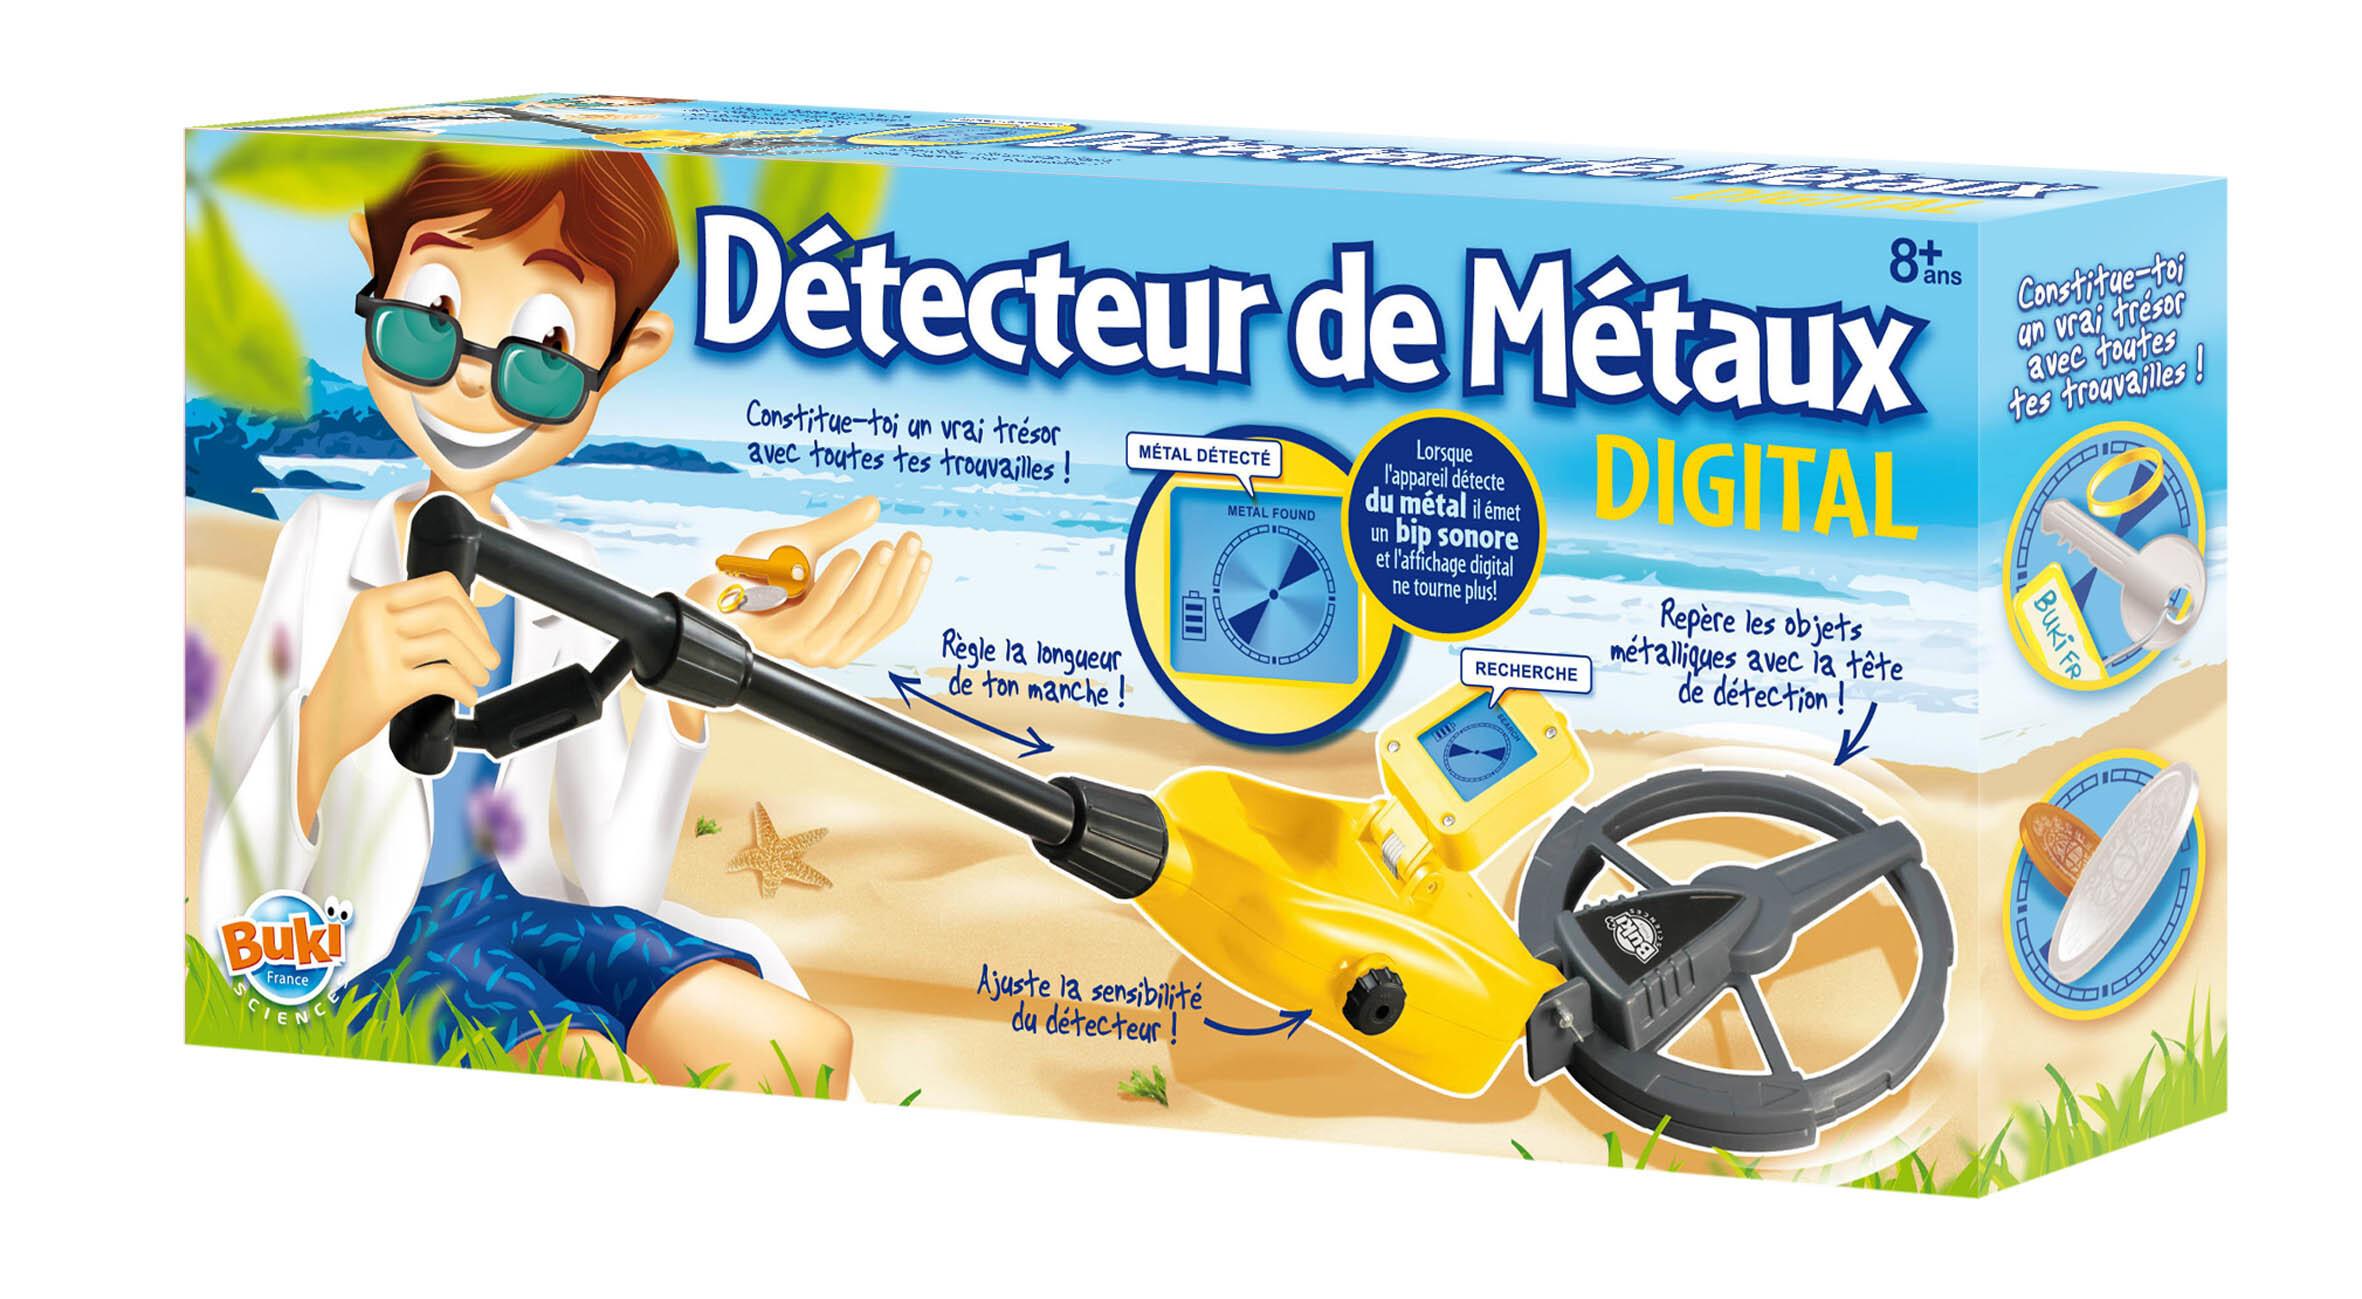 Détecteur de Métaux digital - Buki